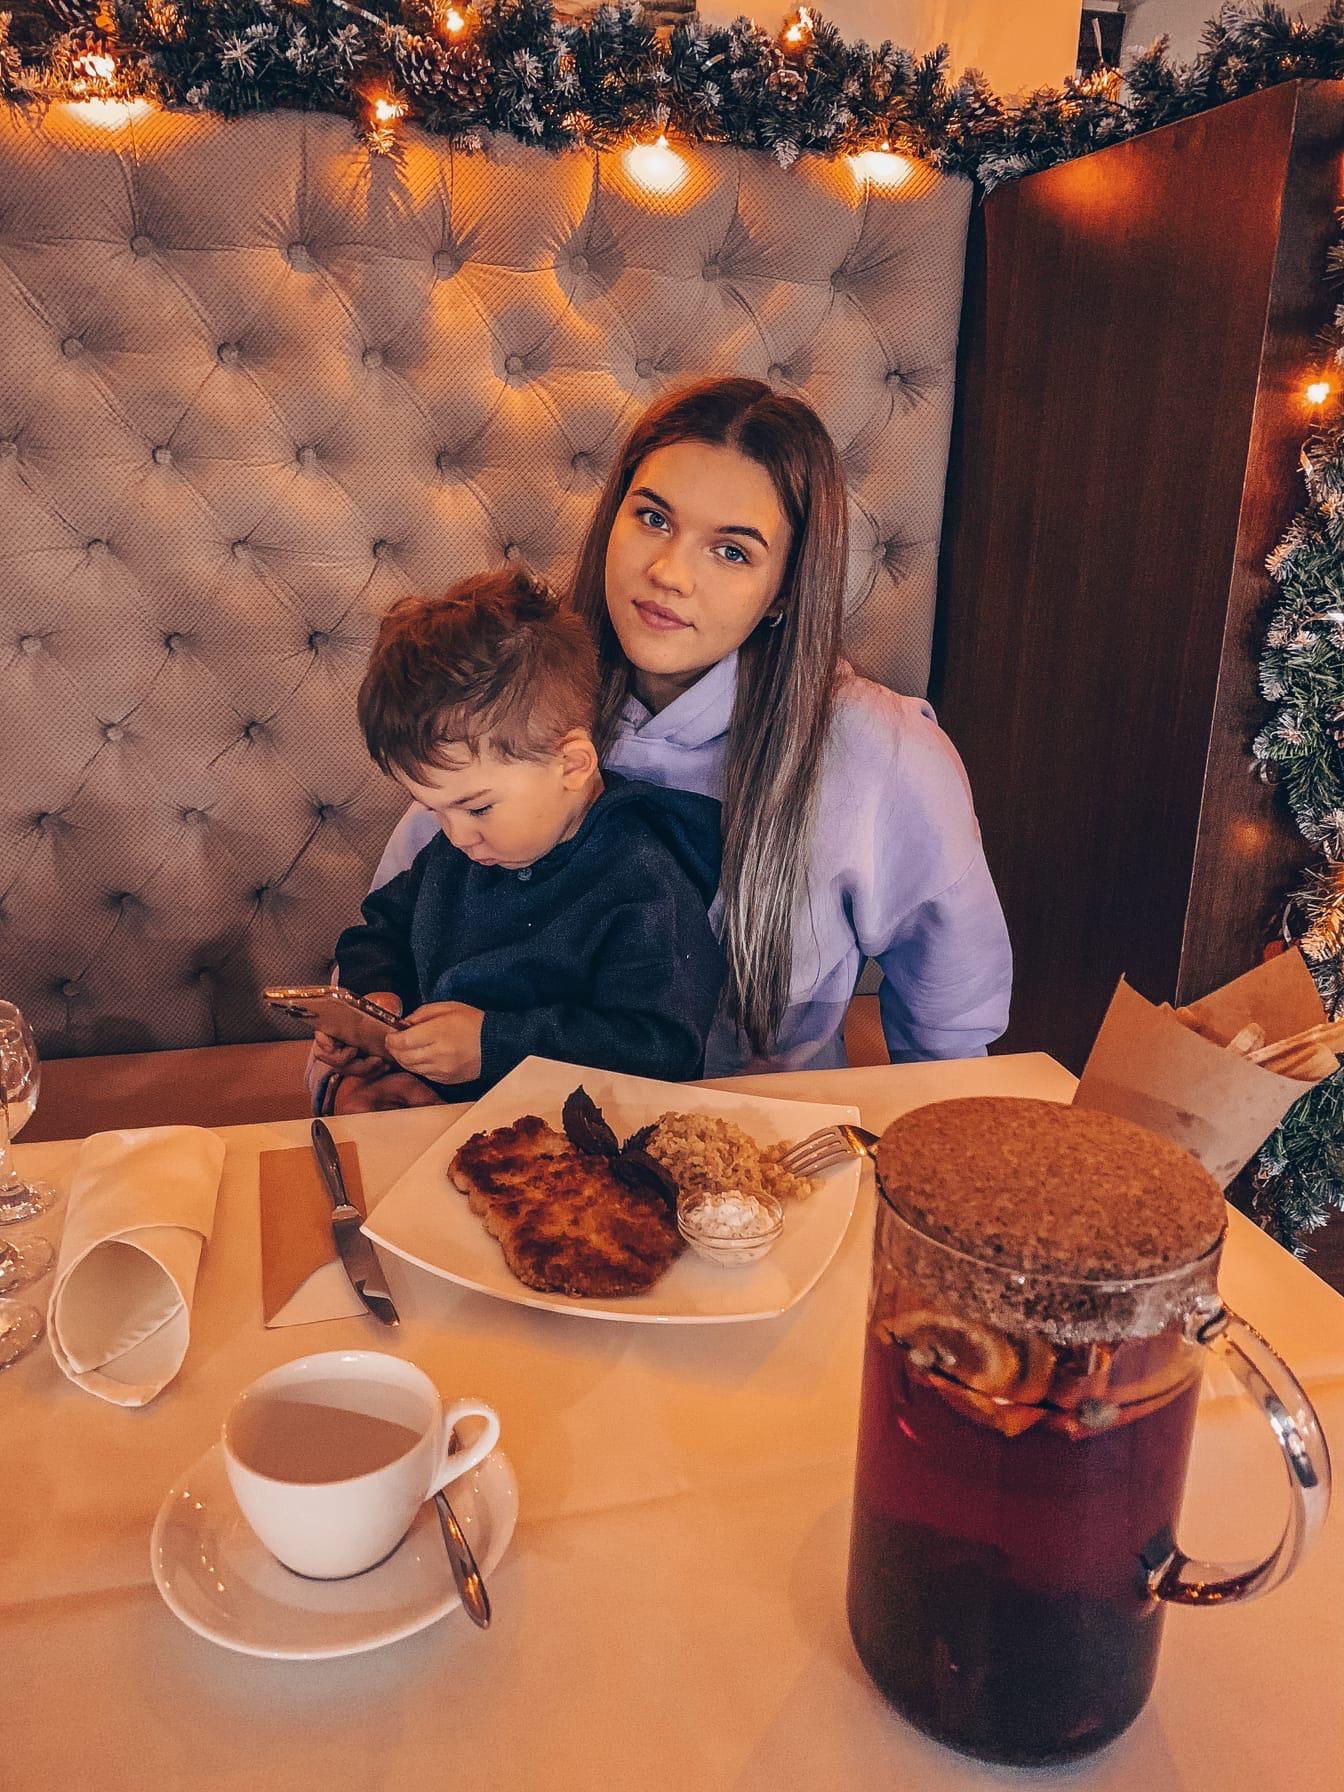 Арт-кафе, банкетный зал, ресторан, кафе «Леон» - Вконтакте